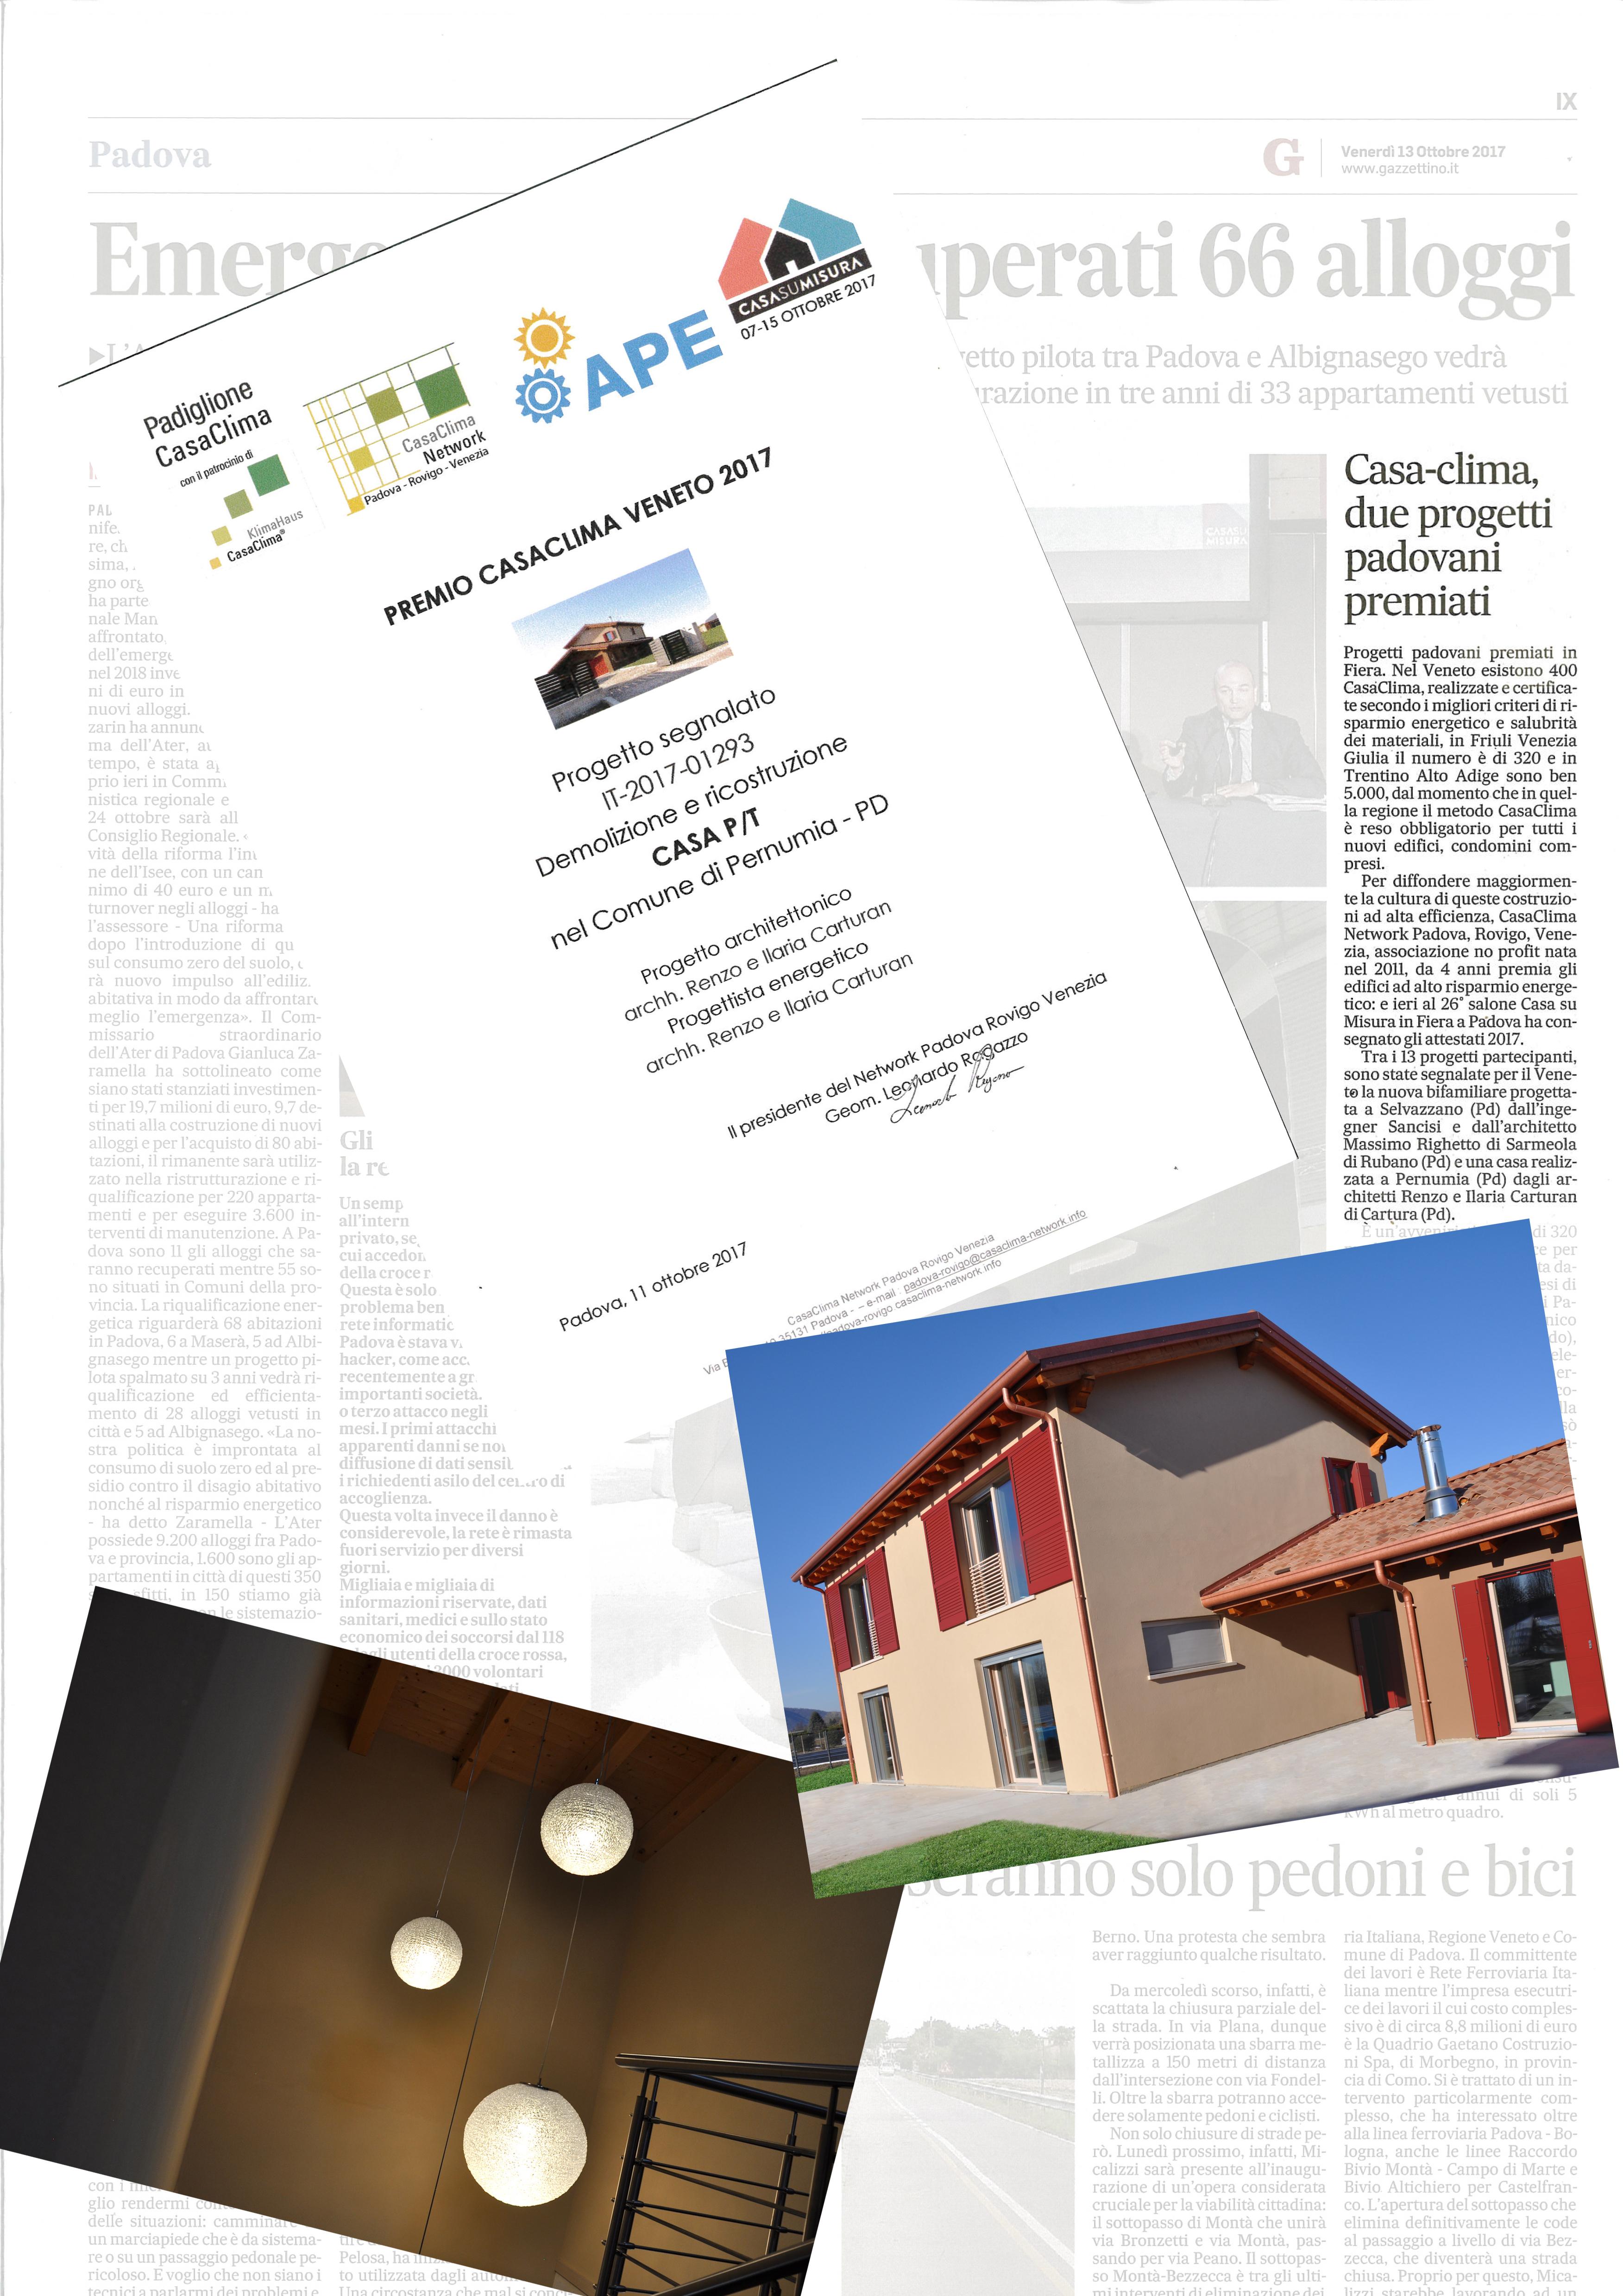 Premio casaclima 2017 studio carturan studio carturan for Casaclima 2017